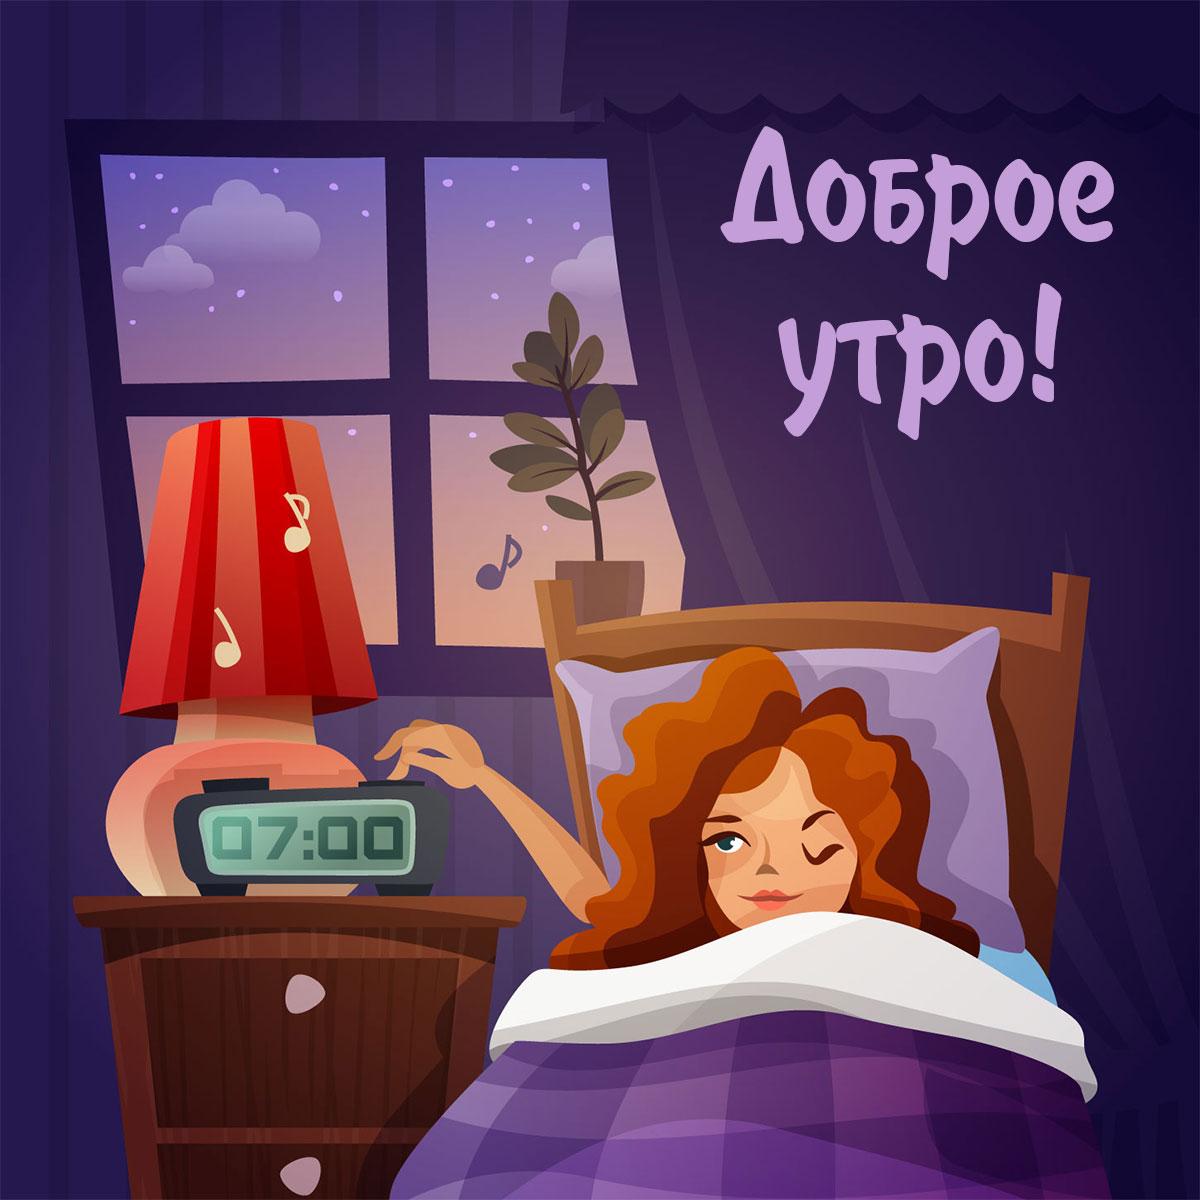 Девушка под одеялом выключает будильник на прикроватной тумбочке.